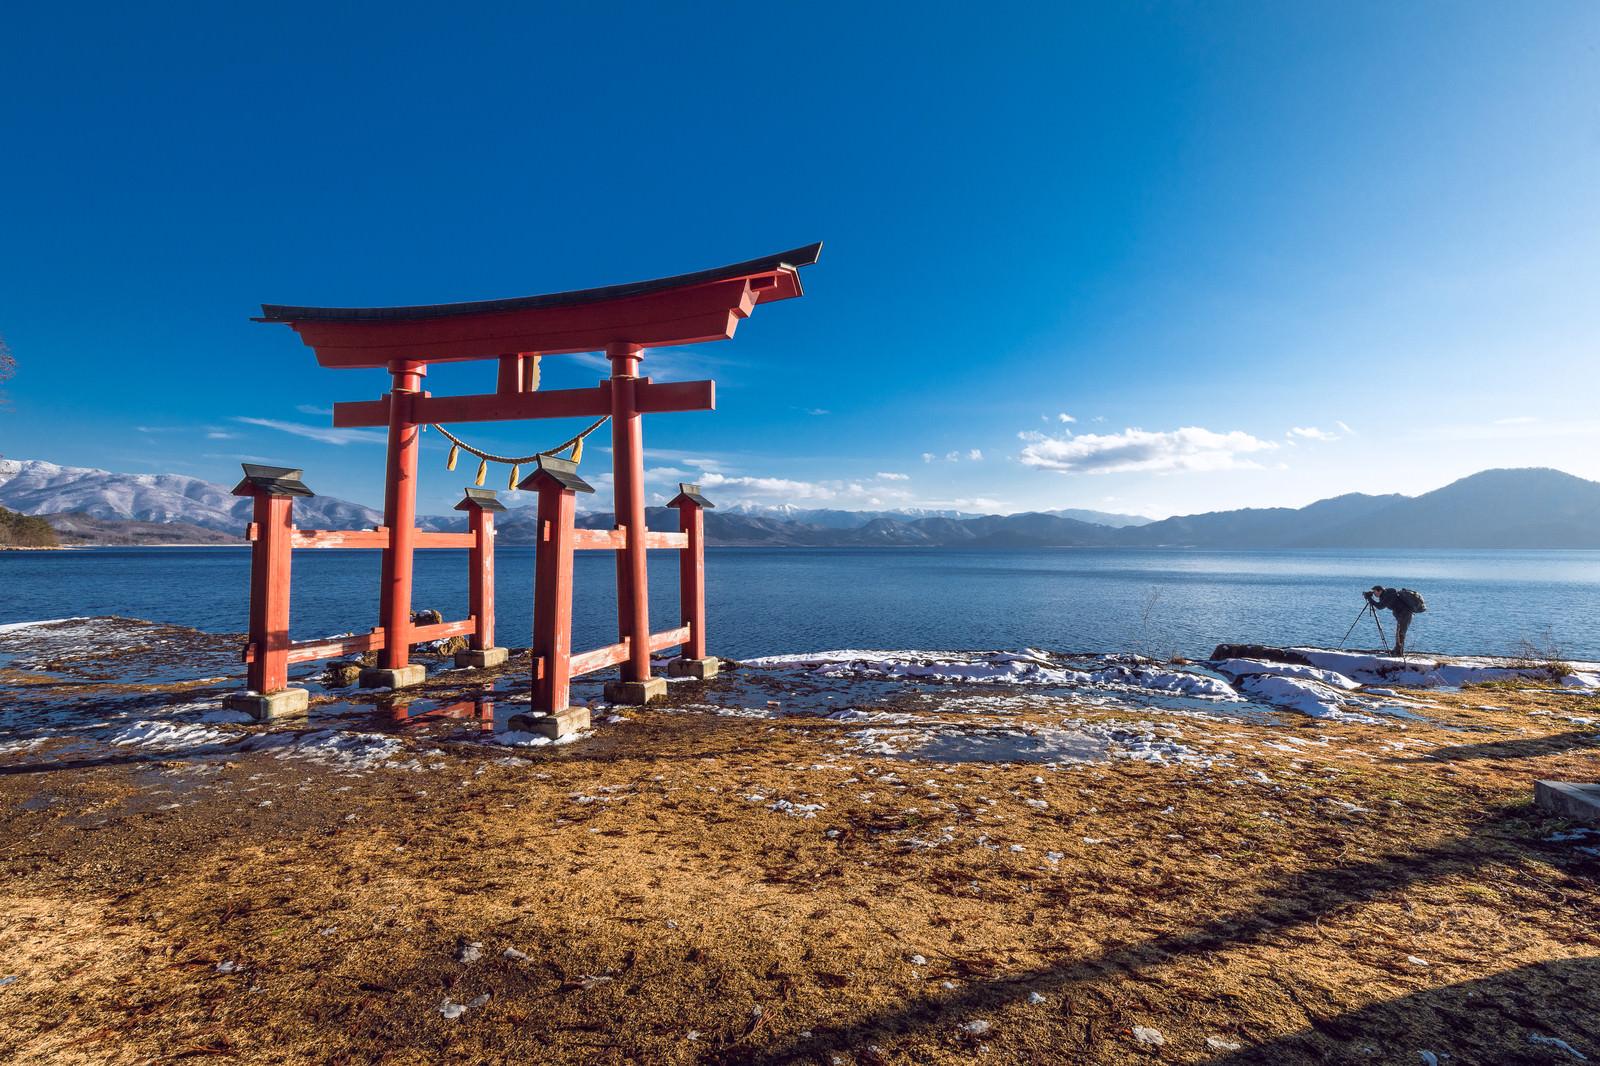 「田沢湖畔に立つ鳥居とカメラマン(秋田県仙北市)」の写真